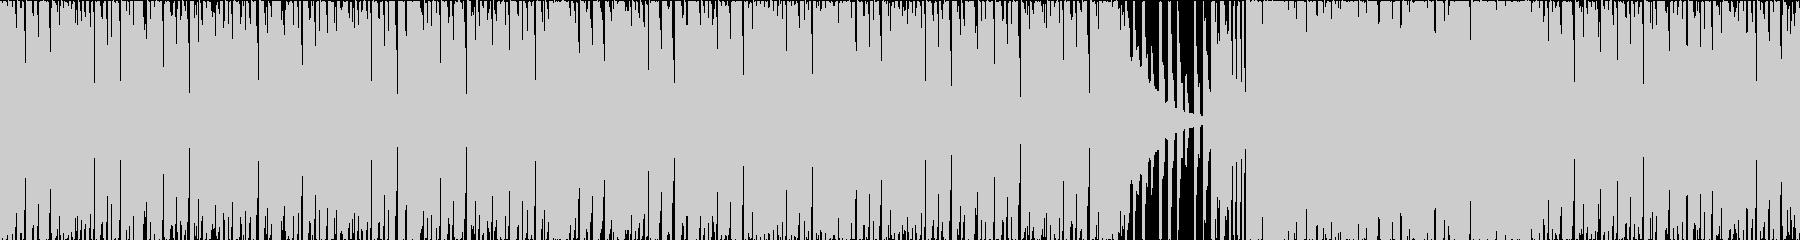 新型コロナニュースにぴったりBGMの未再生の波形